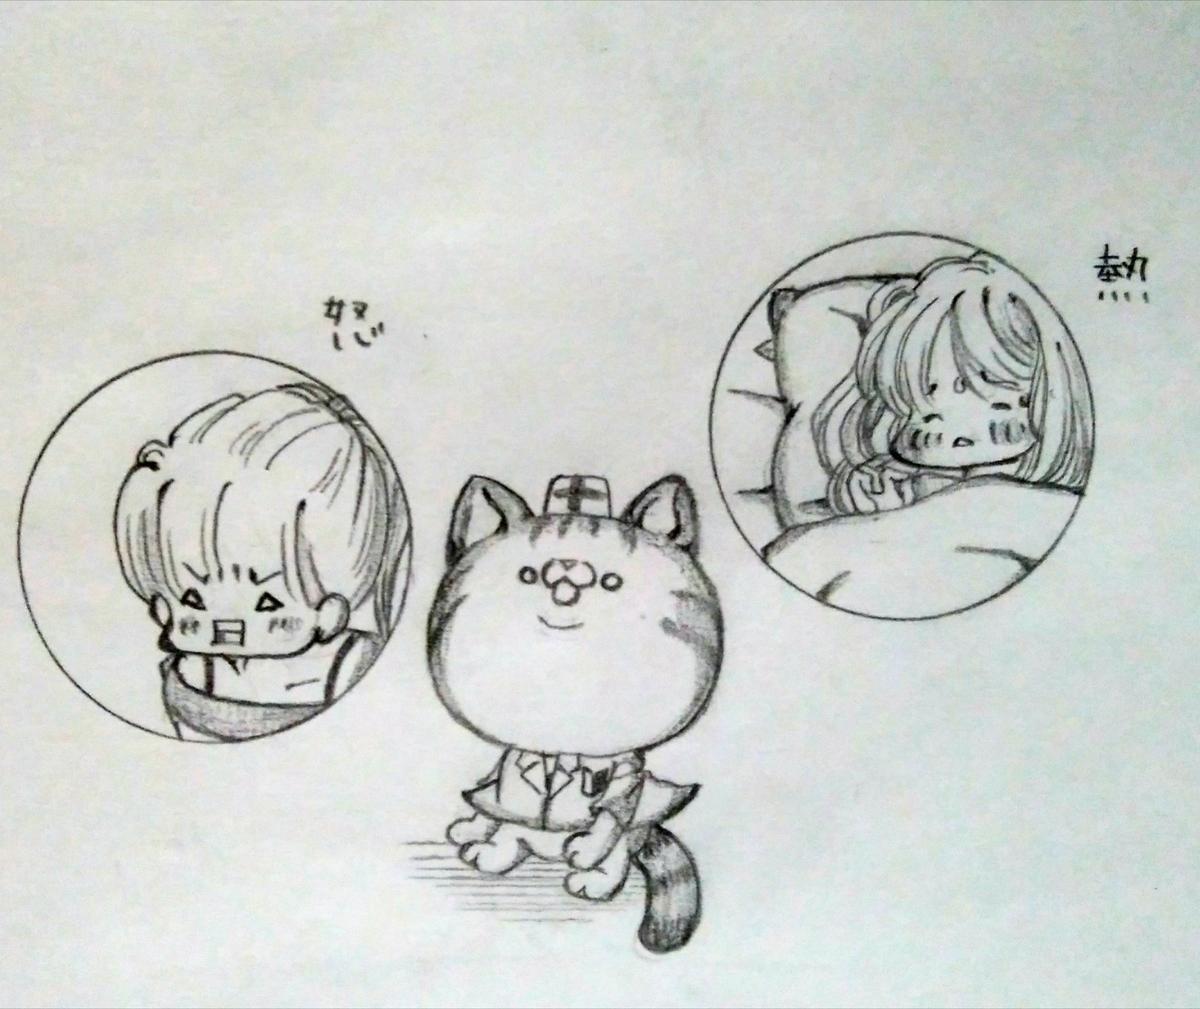 f:id:maricats:20210103011723j:plain